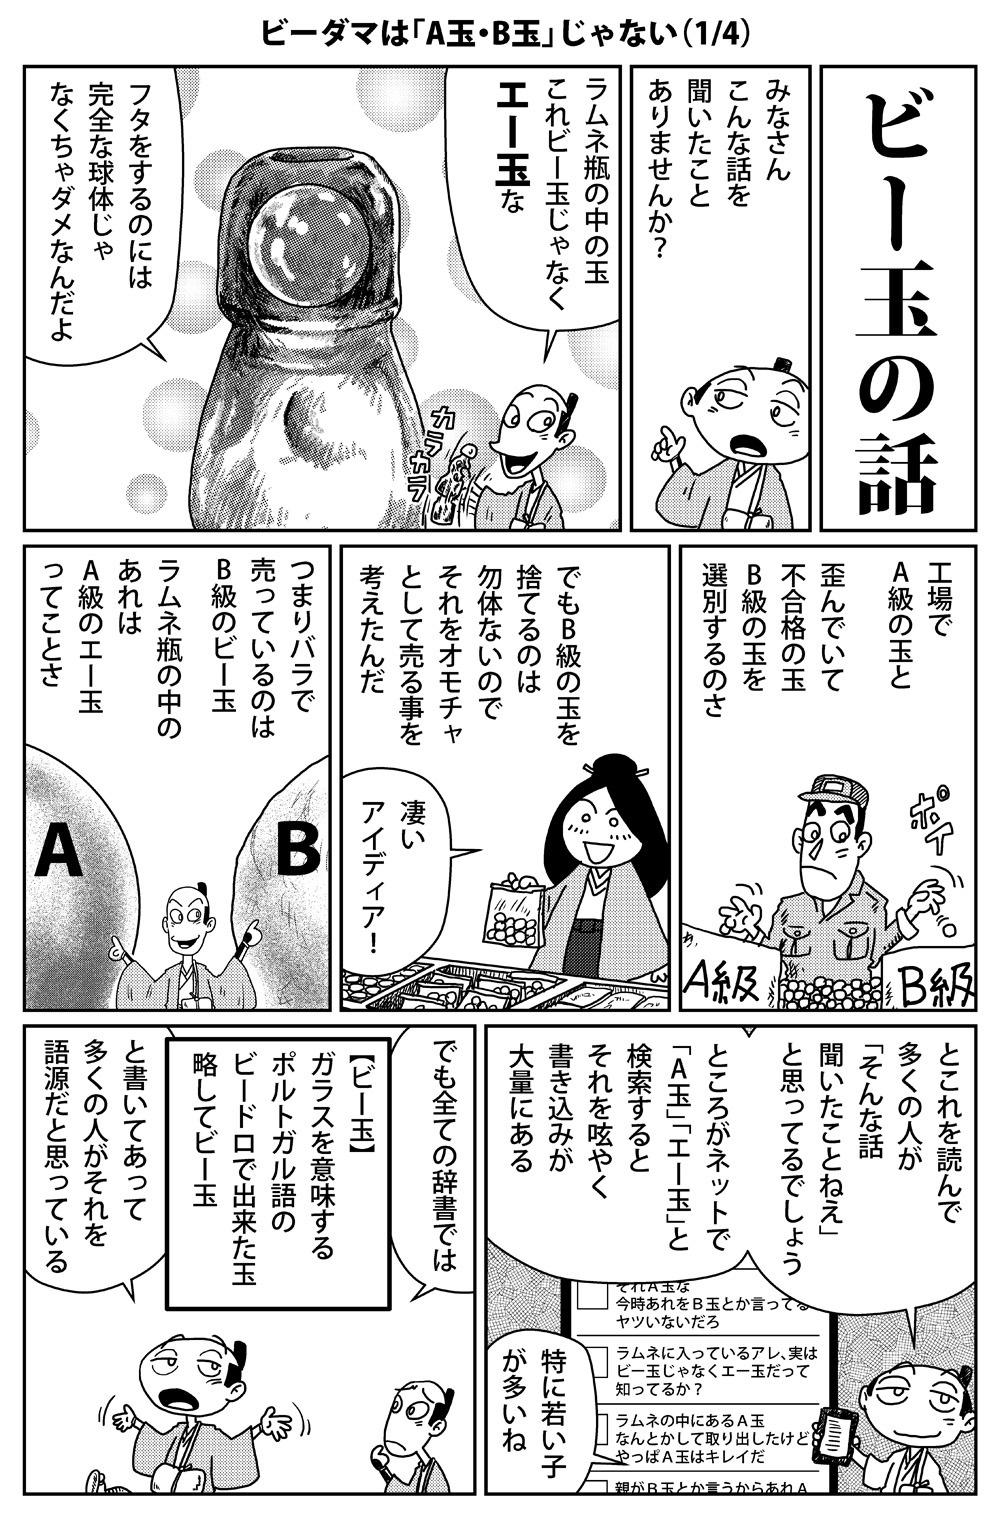 ビー玉の語源は「A玉・B玉」か「ビードロ玉」なのか